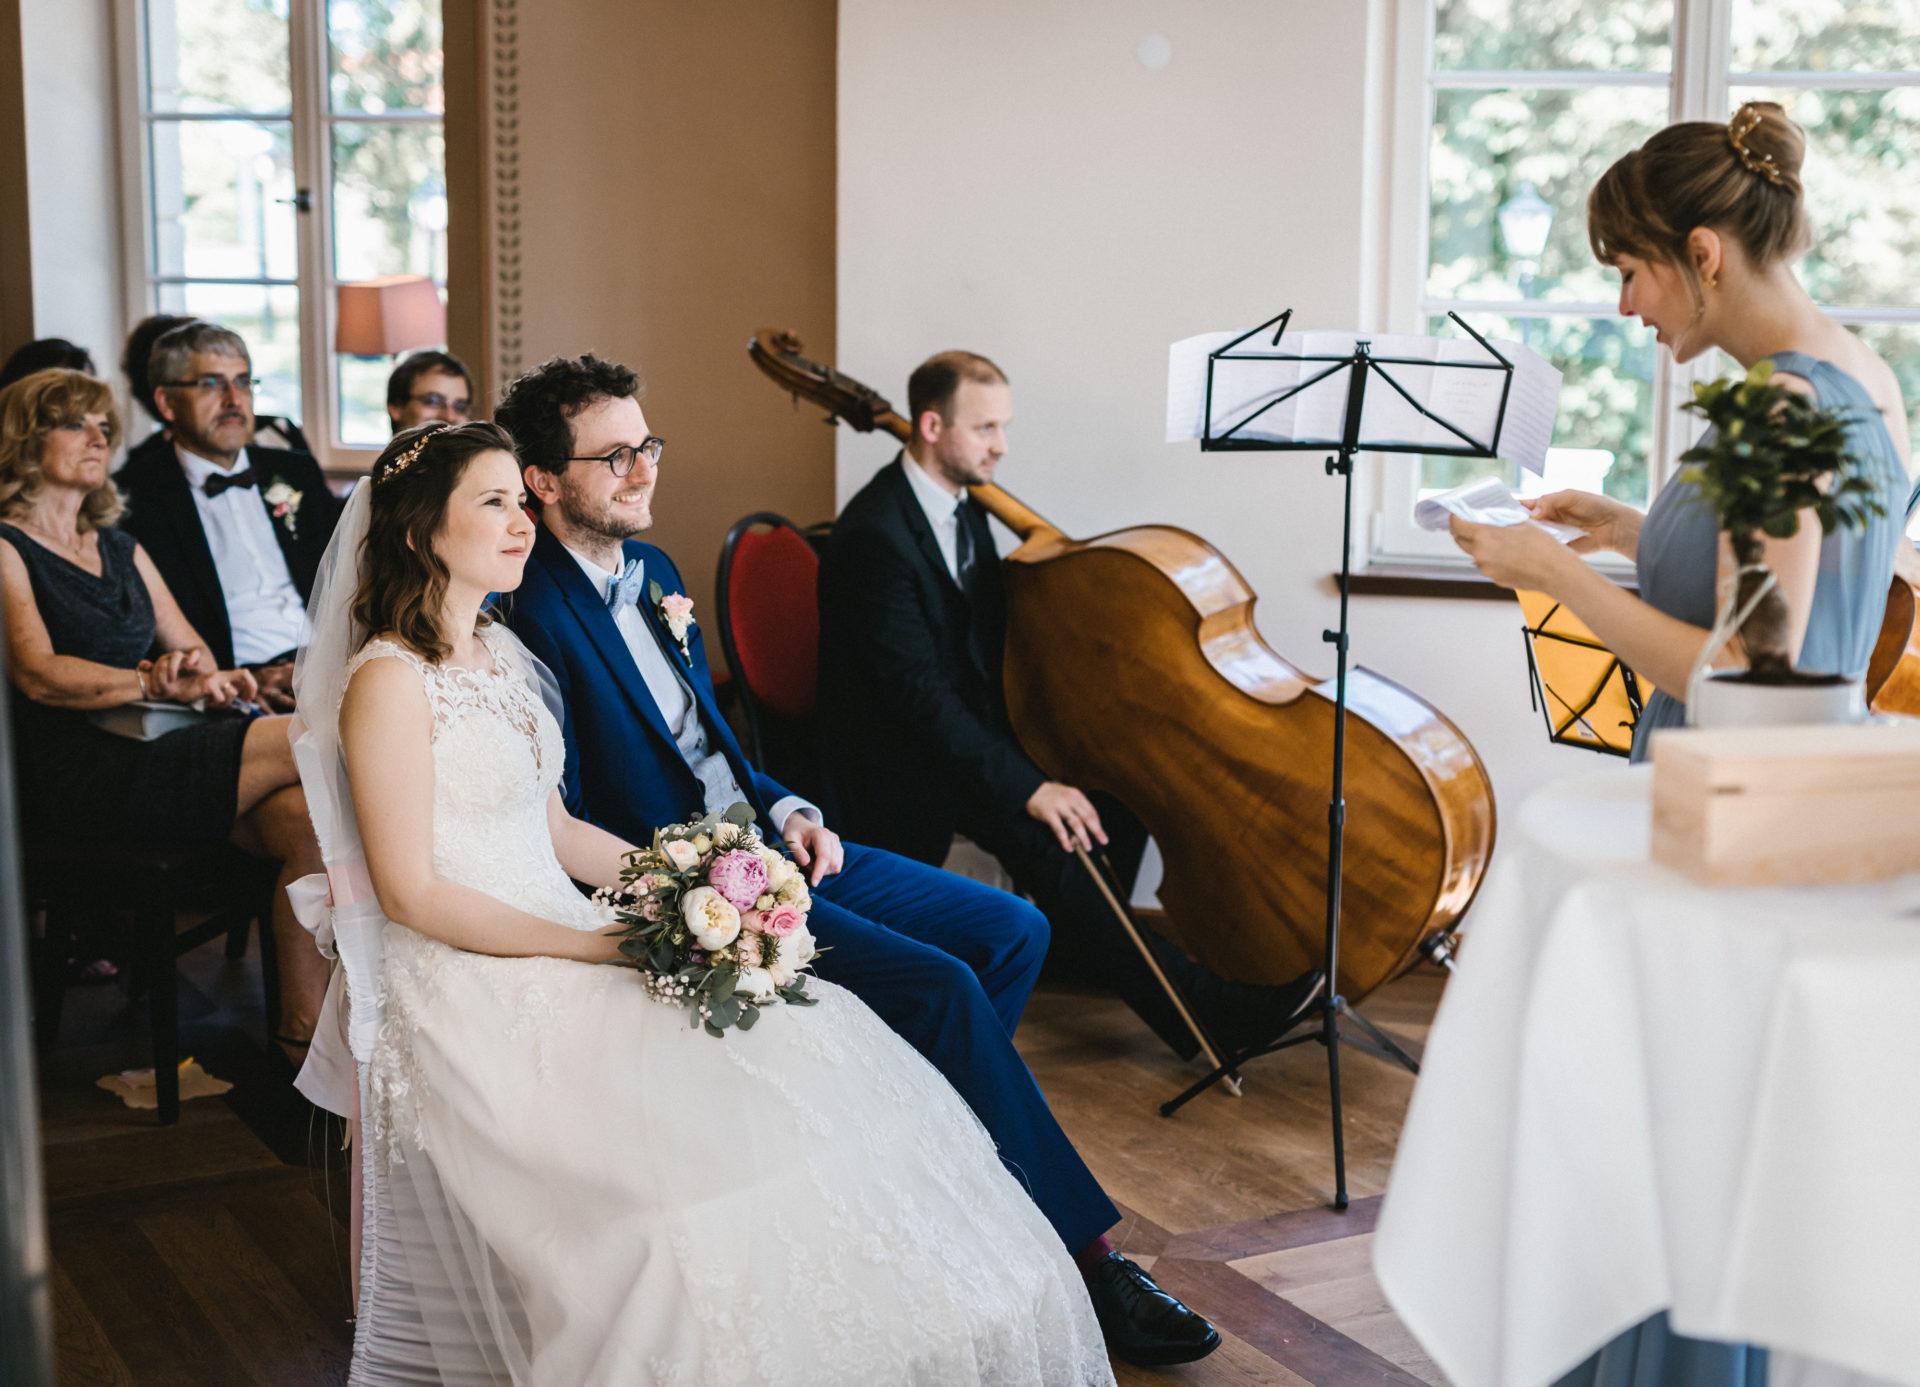 Hochzeitsreportage | Freie Trauung im Herrenhaus Möckern in Leipzig | 21